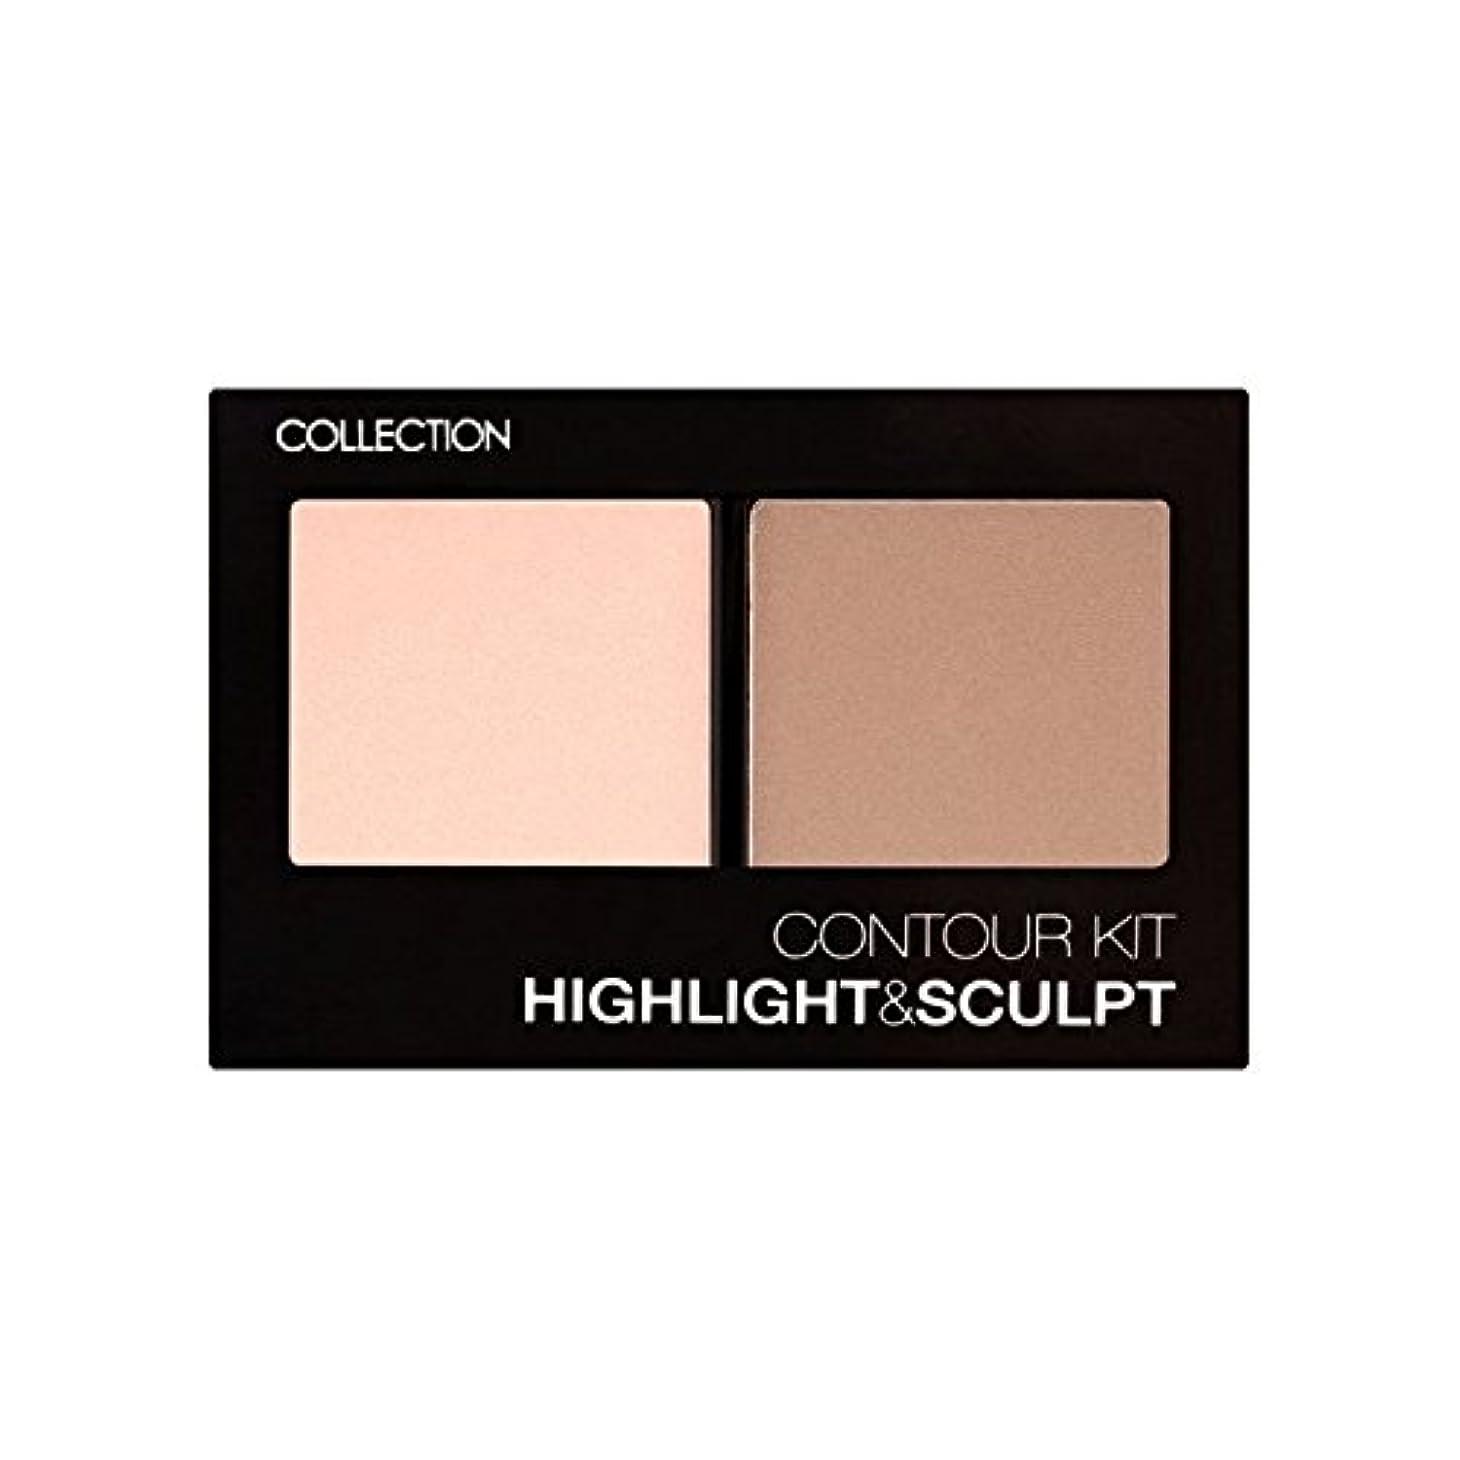 密輸ロールパッケージCollection Contour Kit Contour Kit 1 - コレクション、輪郭キット輪郭キット1 [並行輸入品]